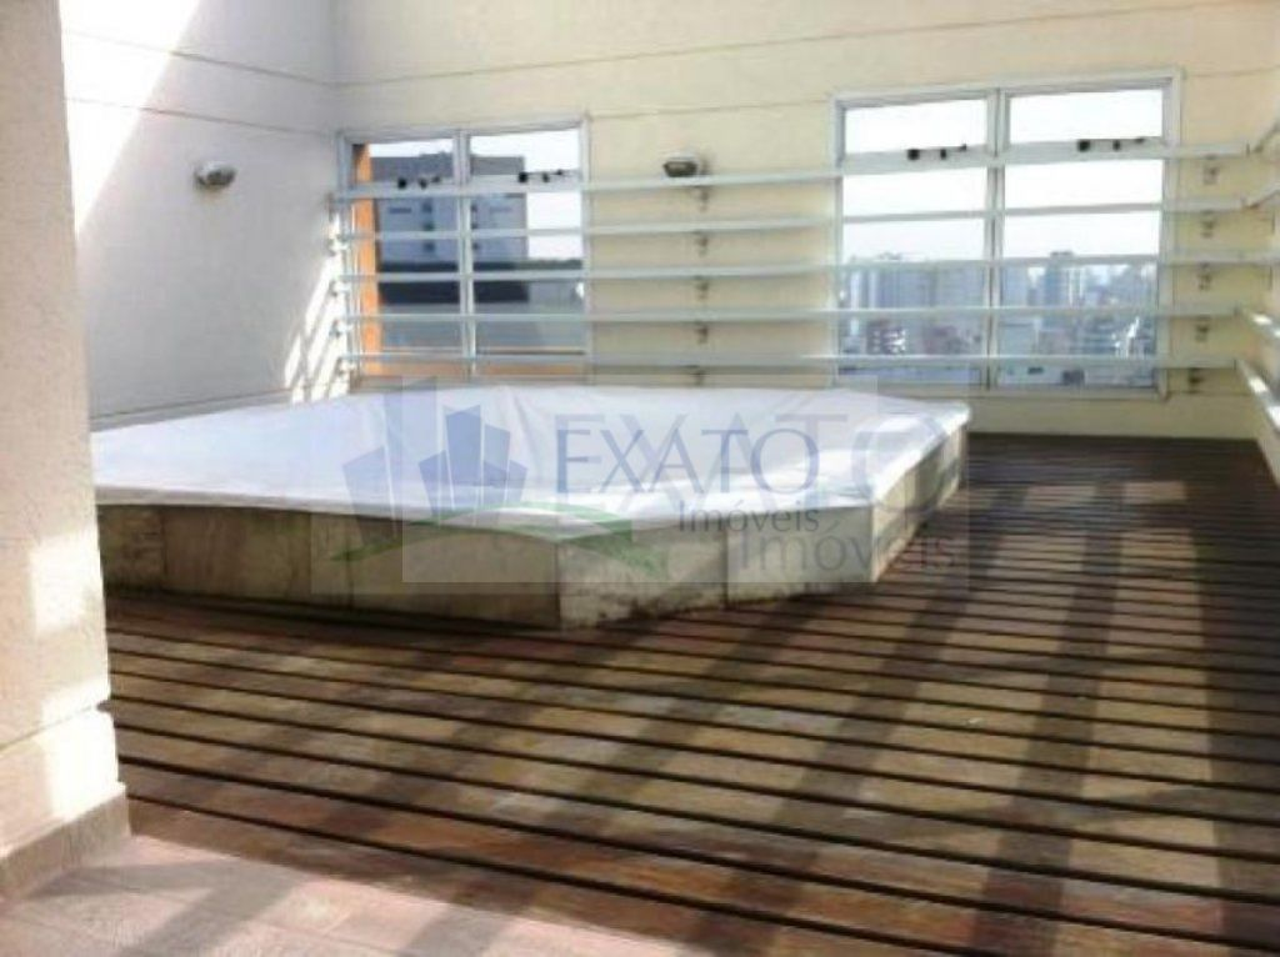 Cobertura Duplex de 5 dormitórios à venda em Moema, São Paulo - SP